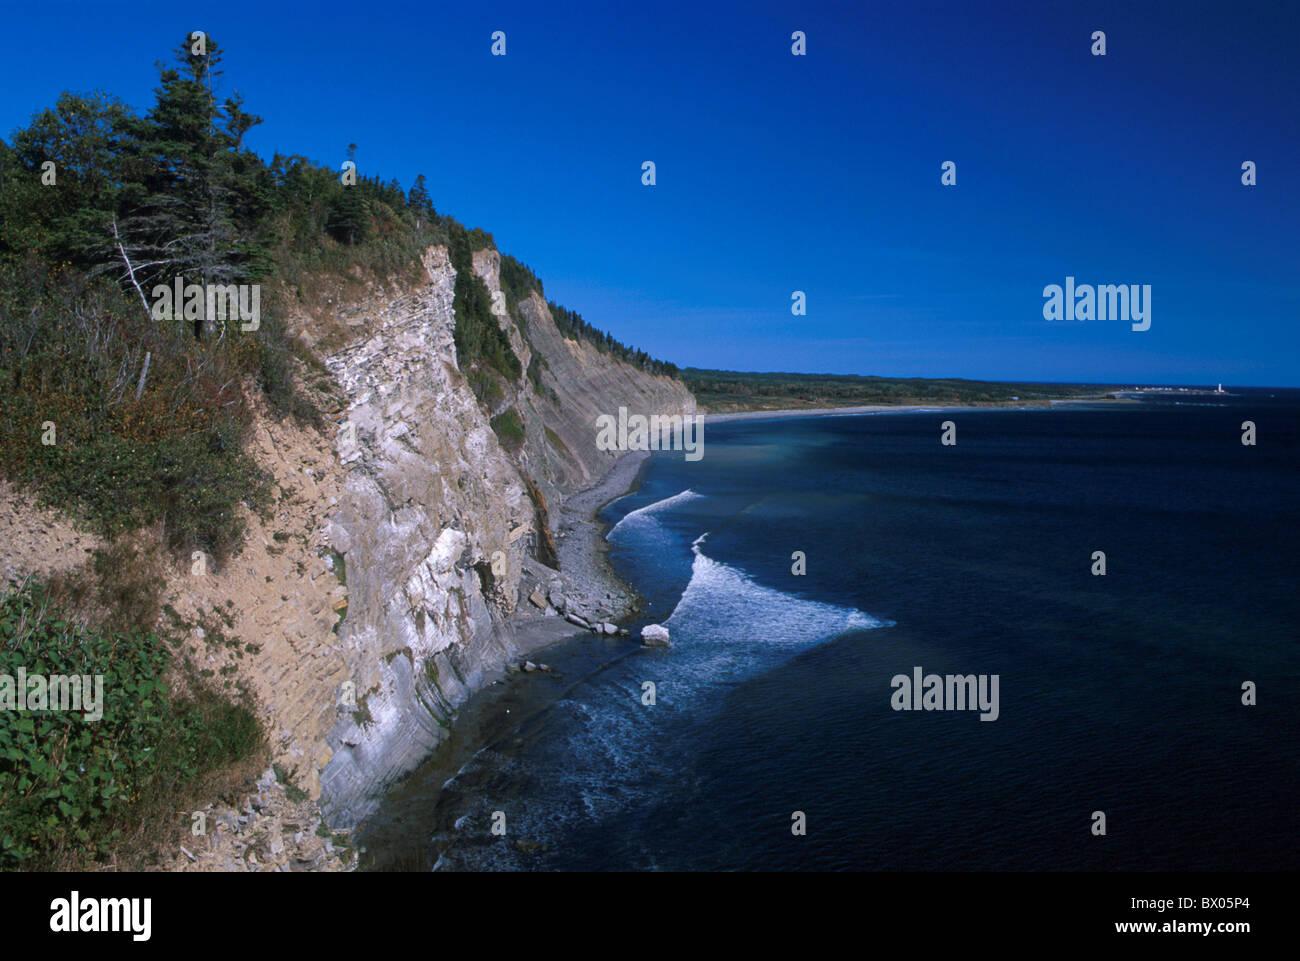 Canada Amérique du Nord Amérique latine Le cap Bon Ami cliffs coast Gaspésie Québec rock mer Photo Stock